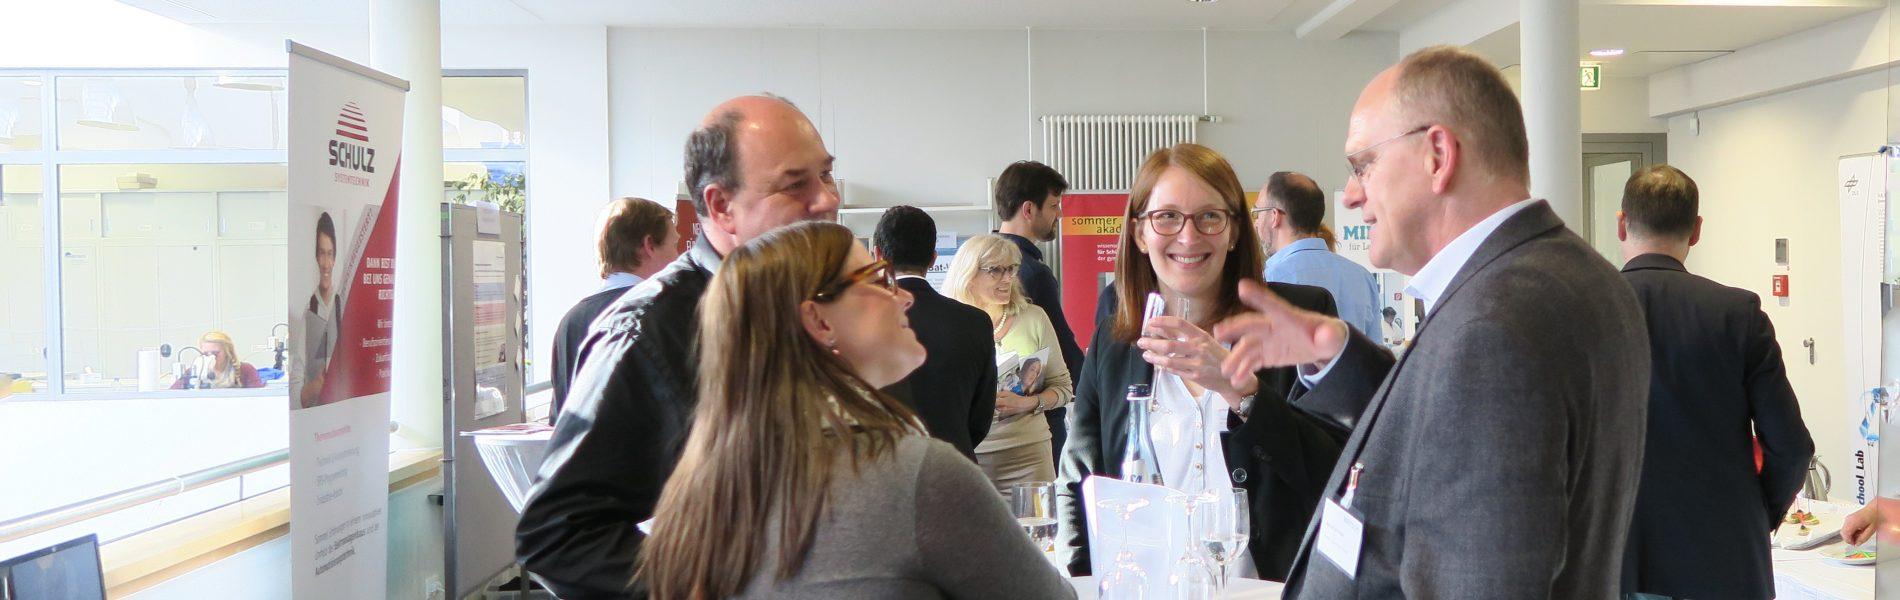 Dieses Bild zeigt vier Menschen an einem Stehtisch, die lachend diskutieren.